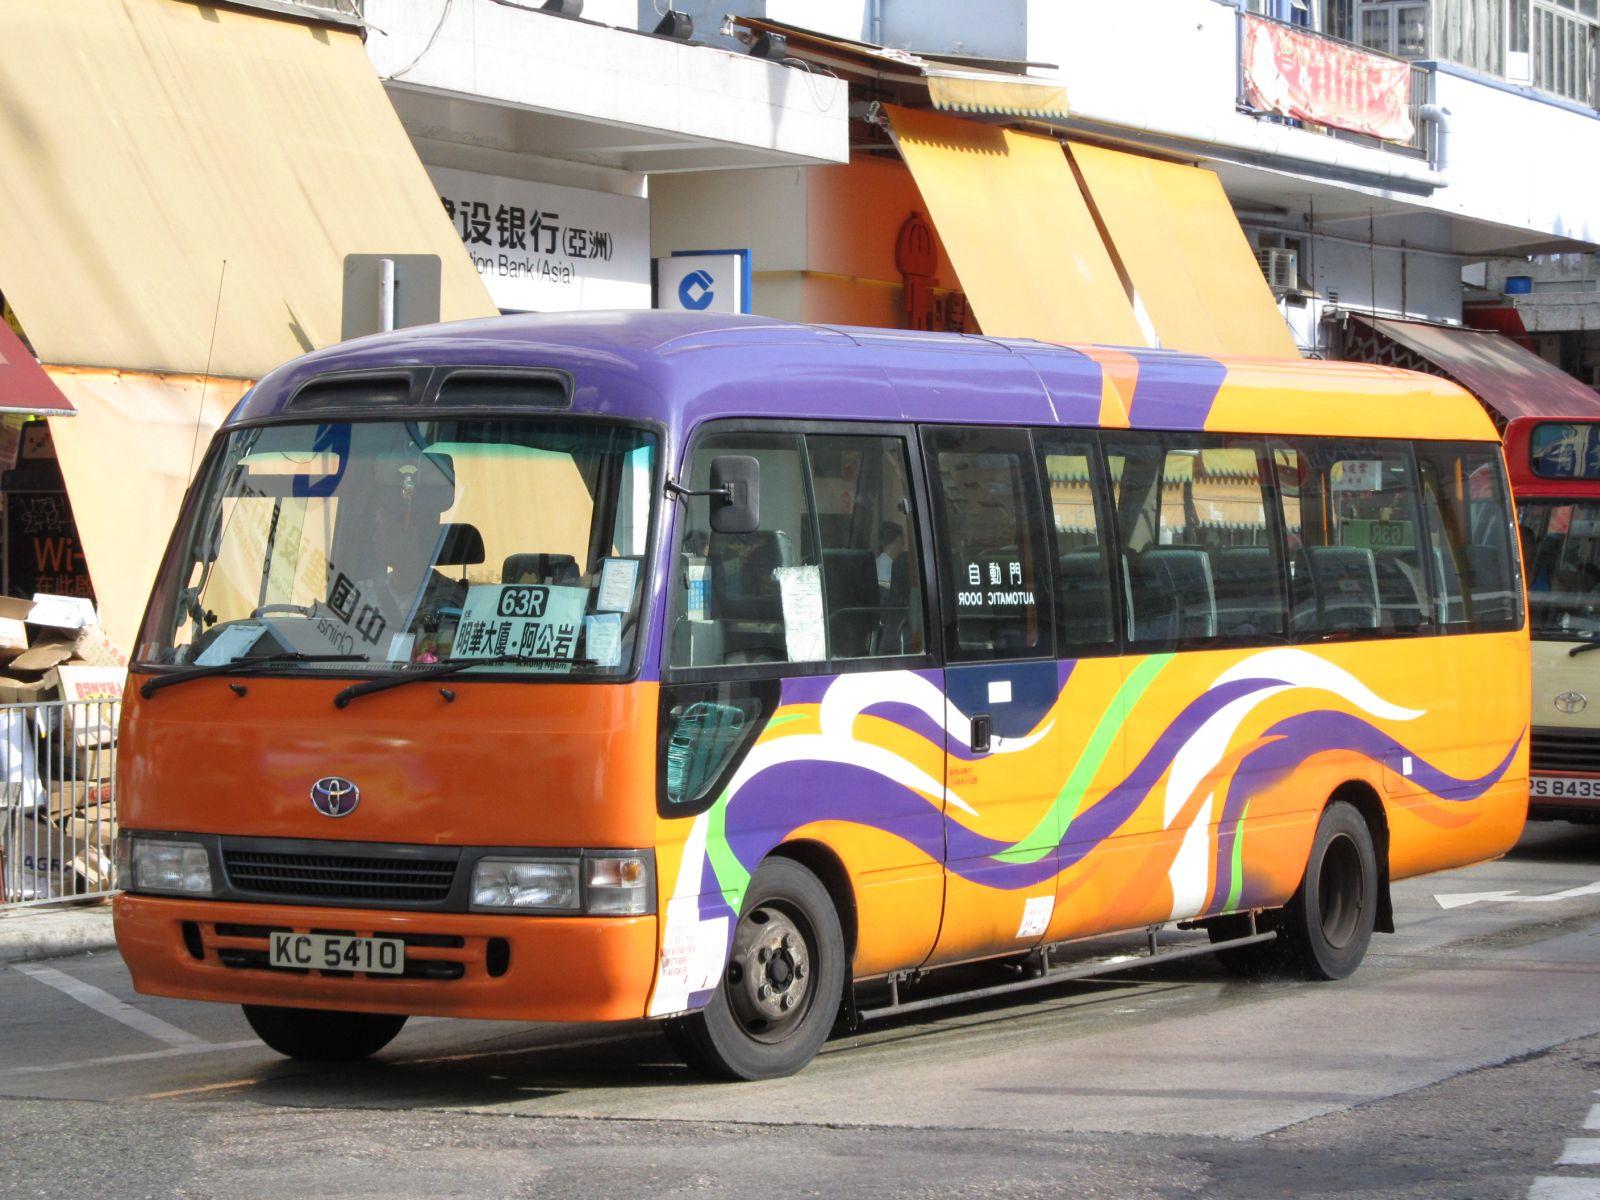 居民巴士HR63線